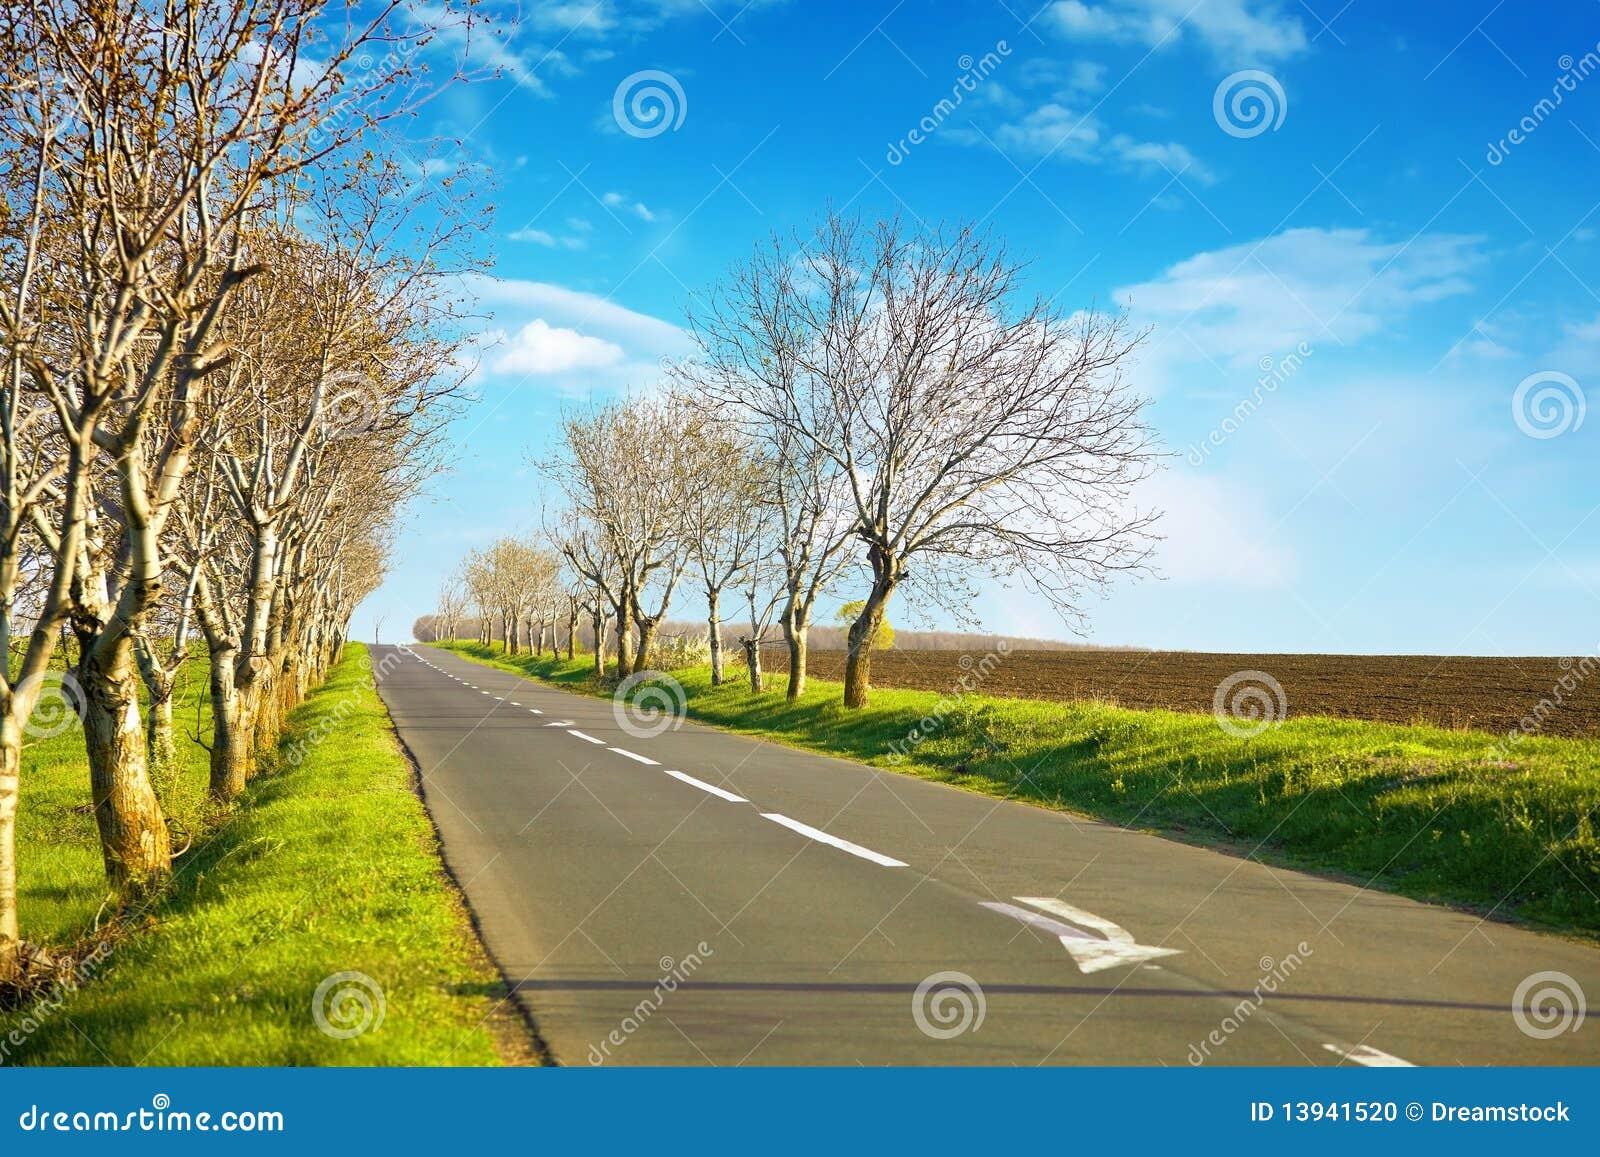 Paysage vide de route avec un horizont bleu